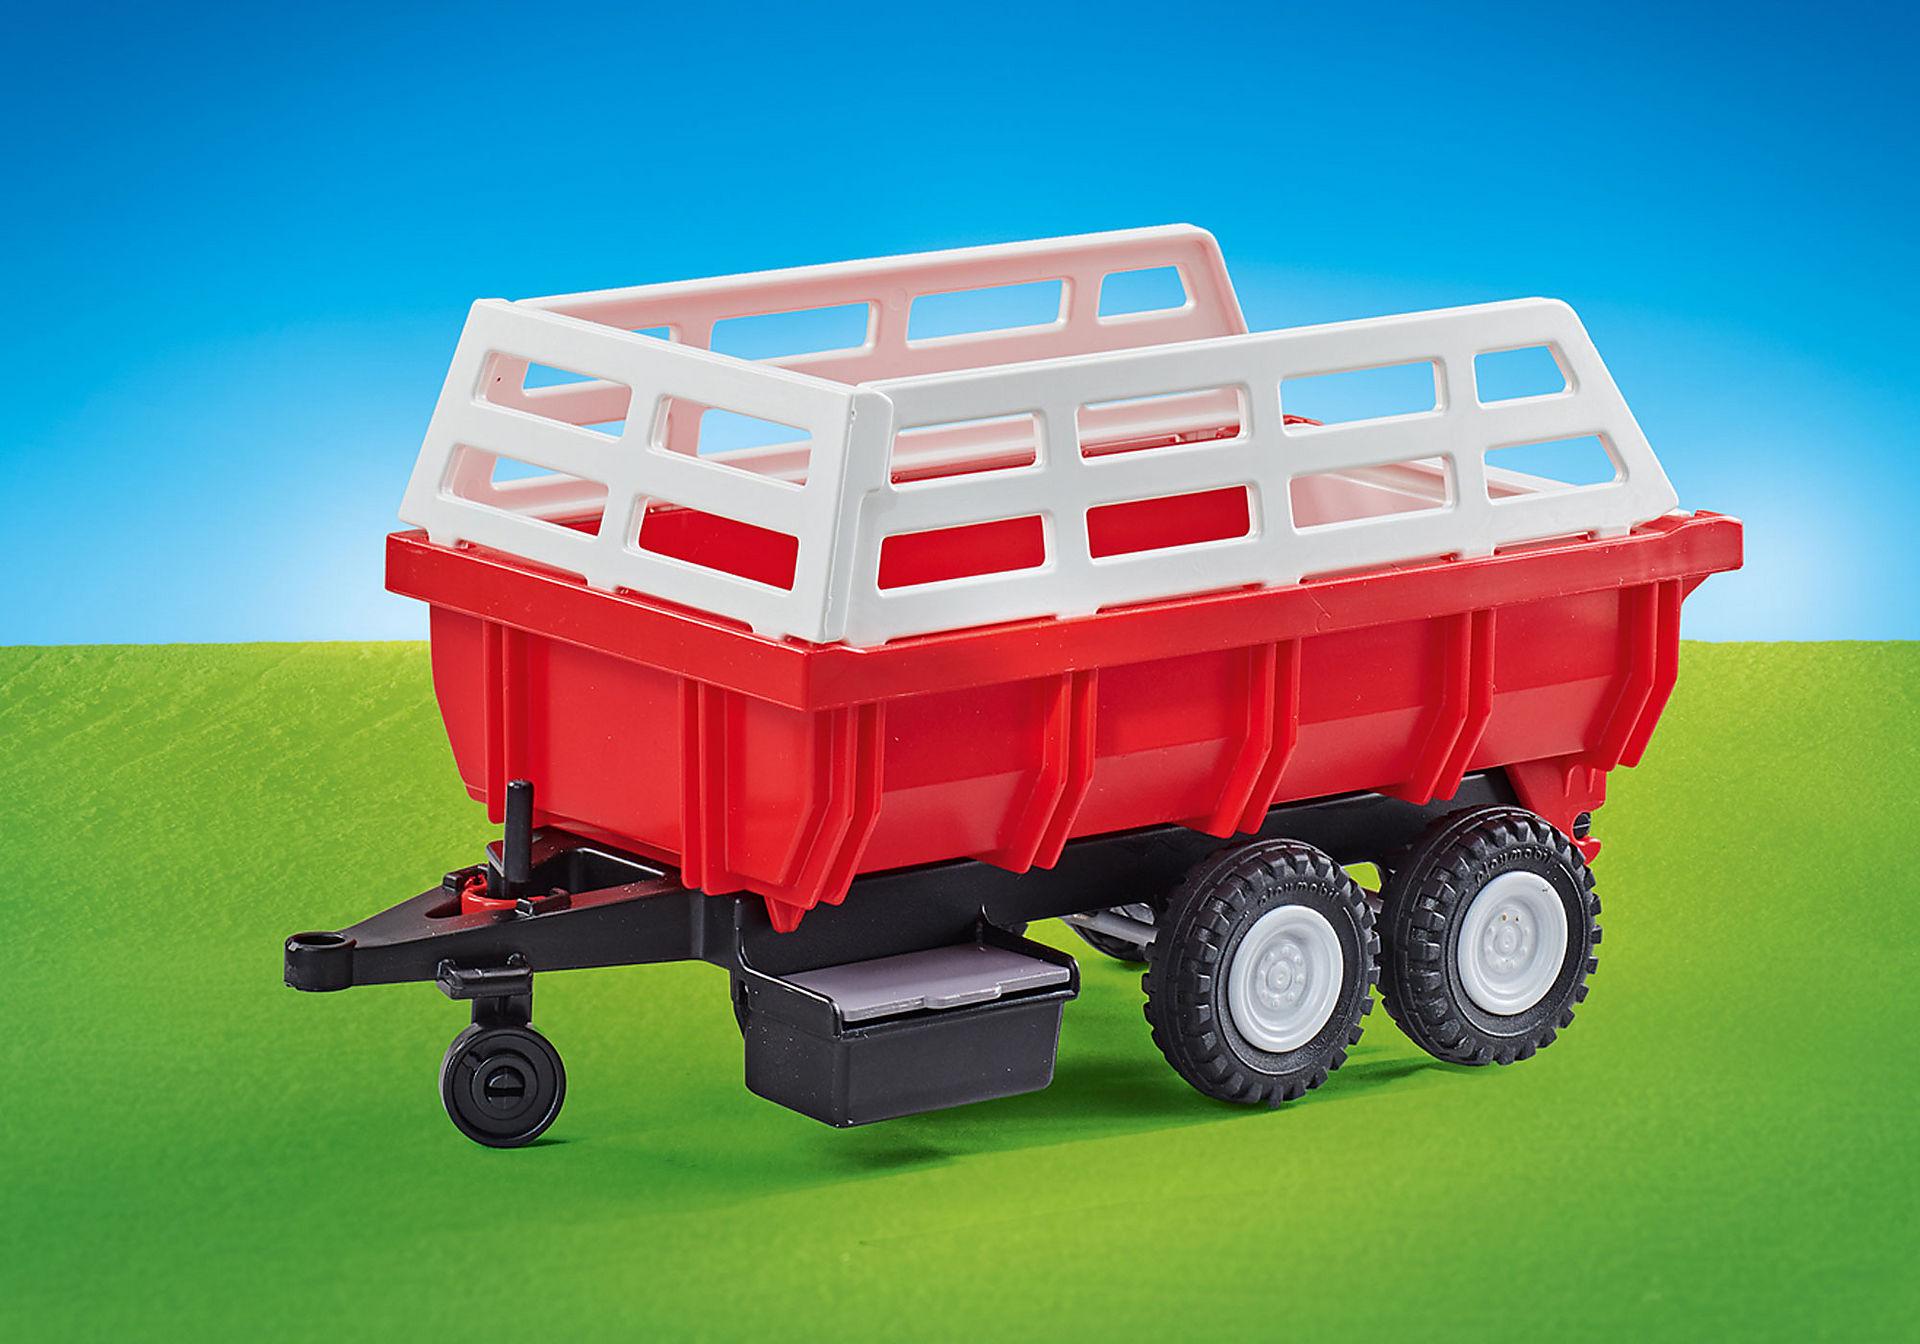 6577 Traktor-Anhänger zoom image1